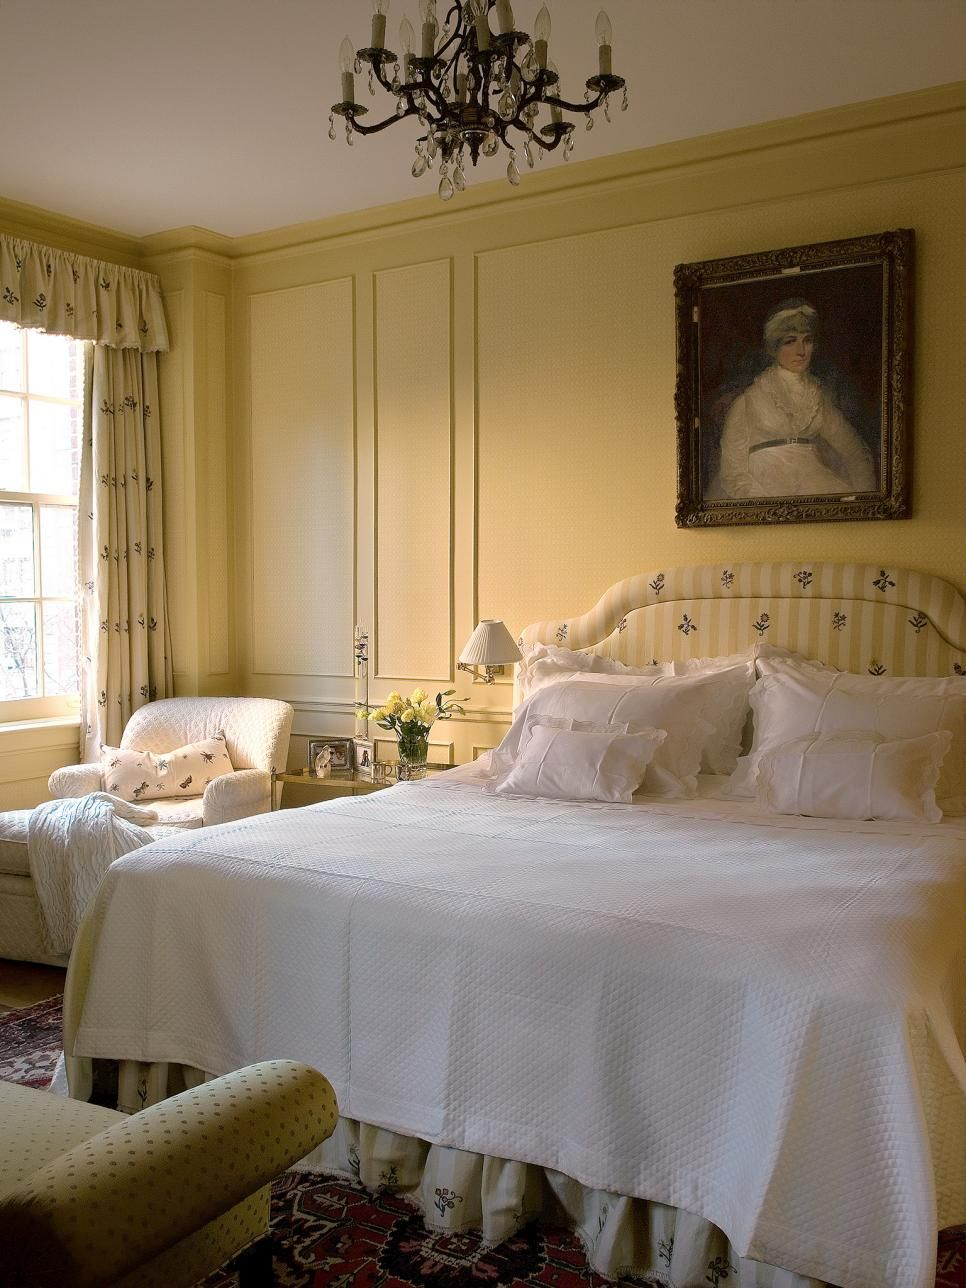 Master bedroom headboard design ideas  Headboards  Fresh Ideas  Hgtv Master bedroom and Bedrooms